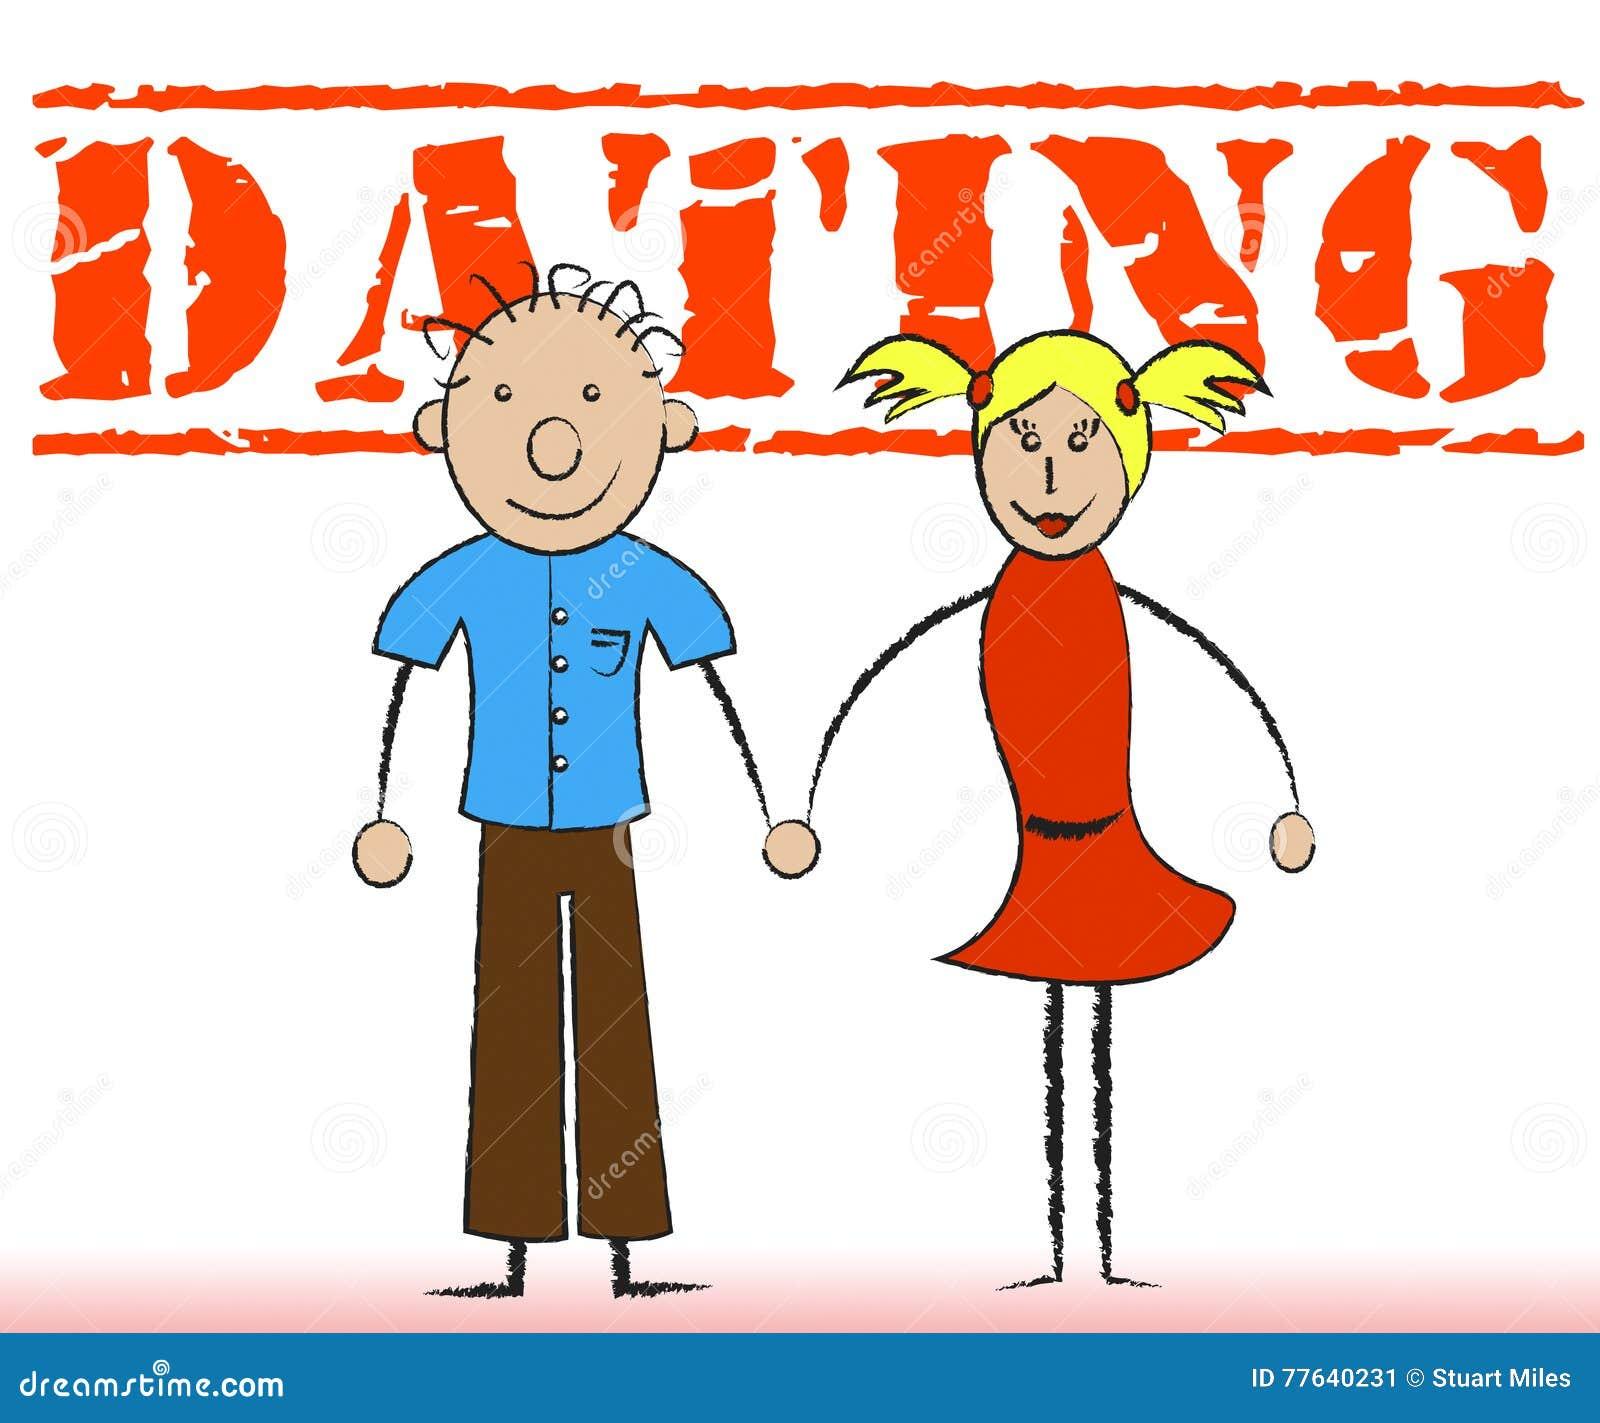 Momo dating app english